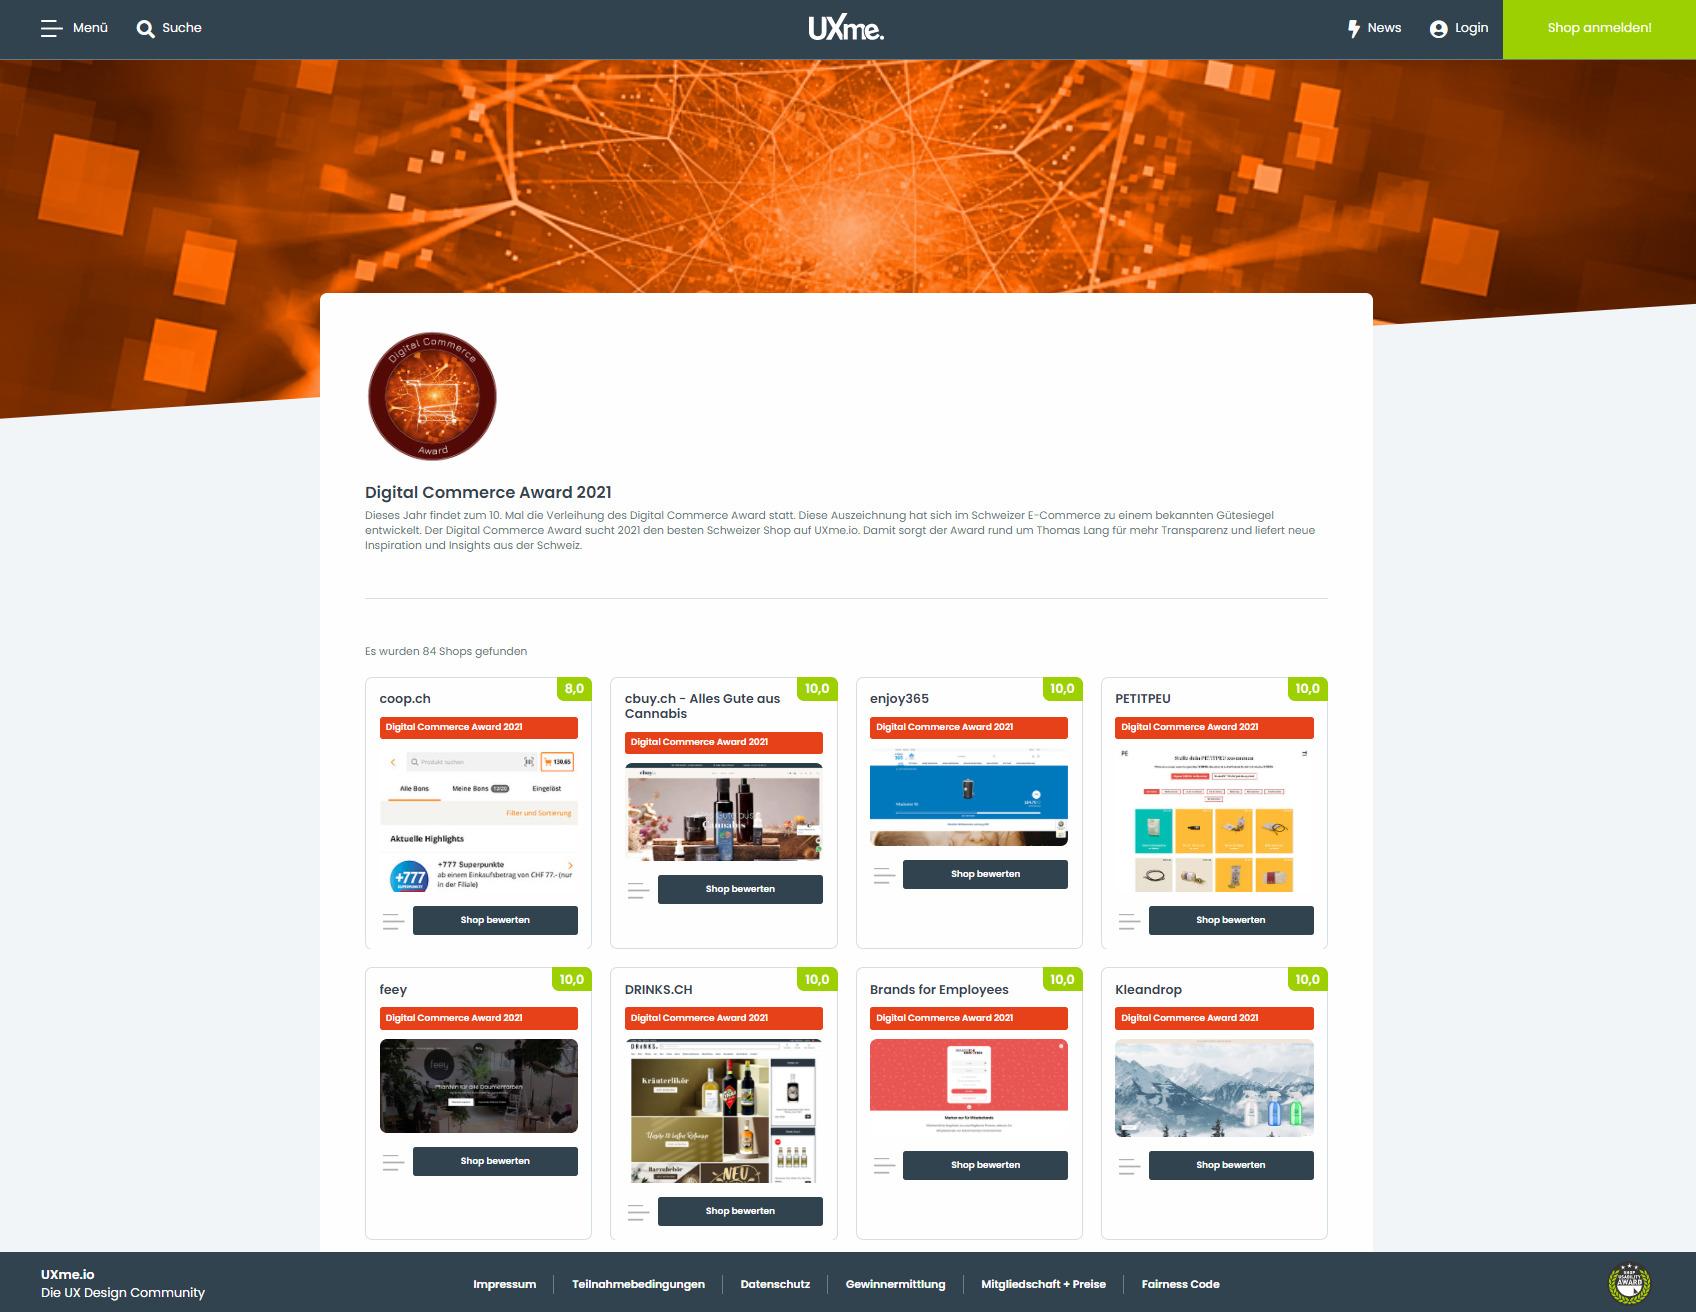 Die Profile aller teilnehmenden Onlineshops finden sich auf der Digital Commerce Award Seite der UXme-Plattform